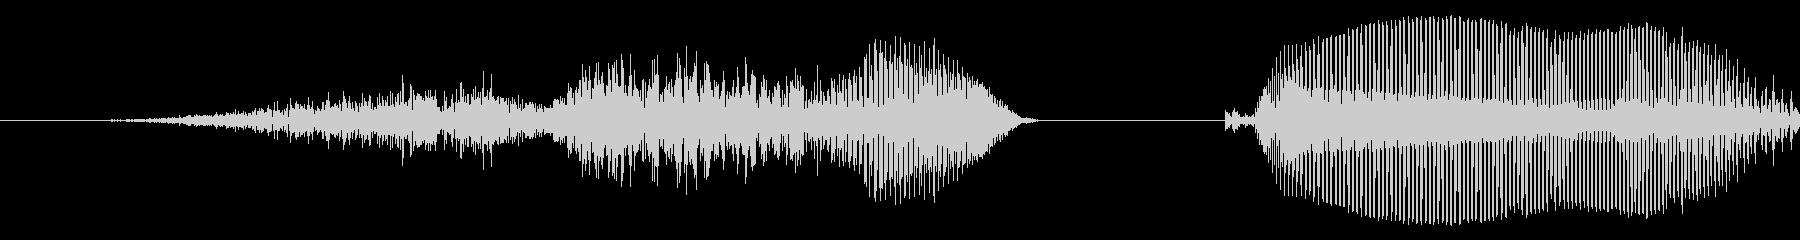 最高!【ロリキャラの褒めボイス】の未再生の波形